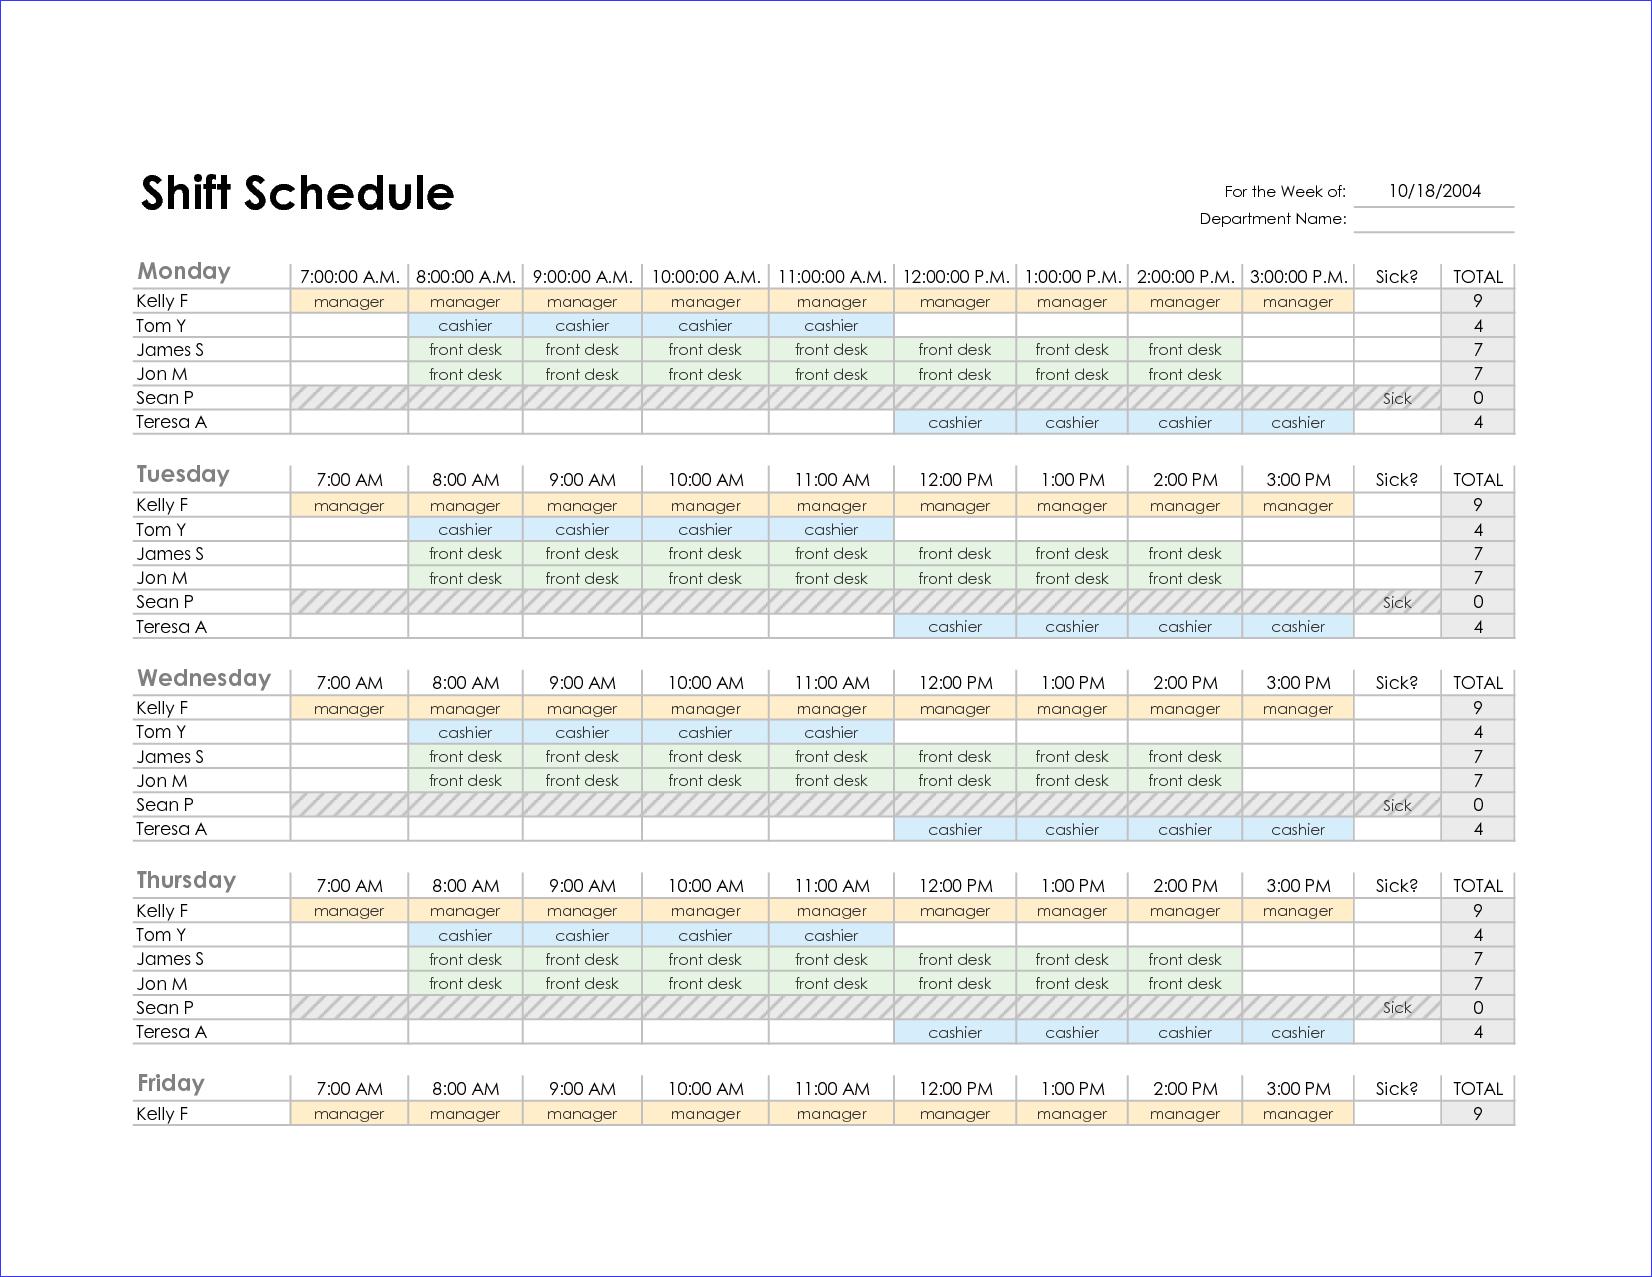 staff schedule excel